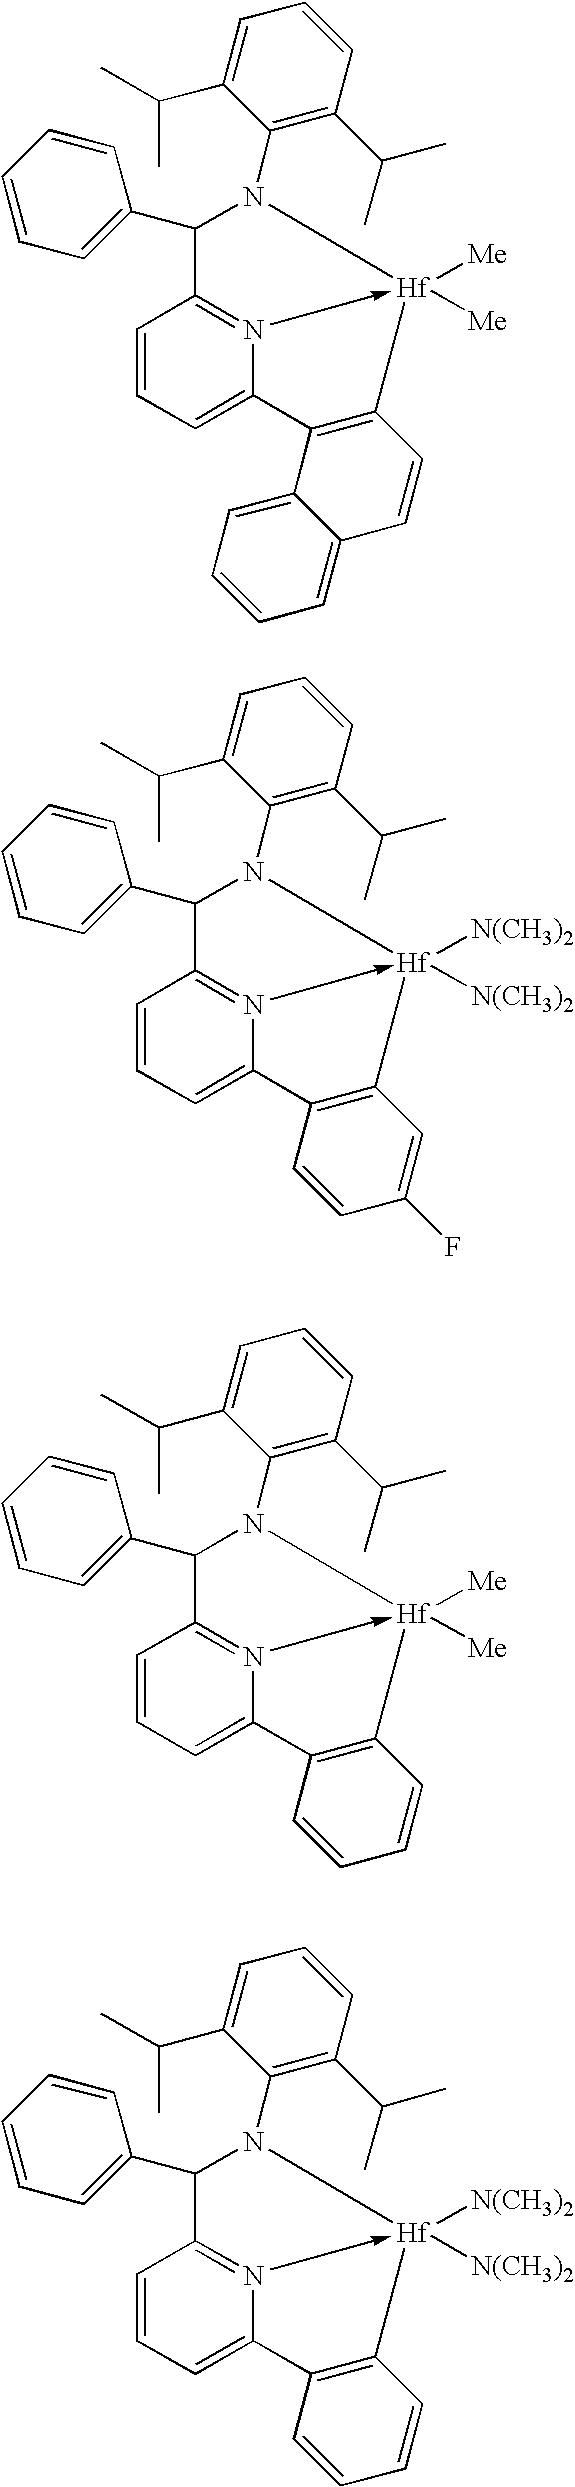 Figure US20070249798A1-20071025-C00026